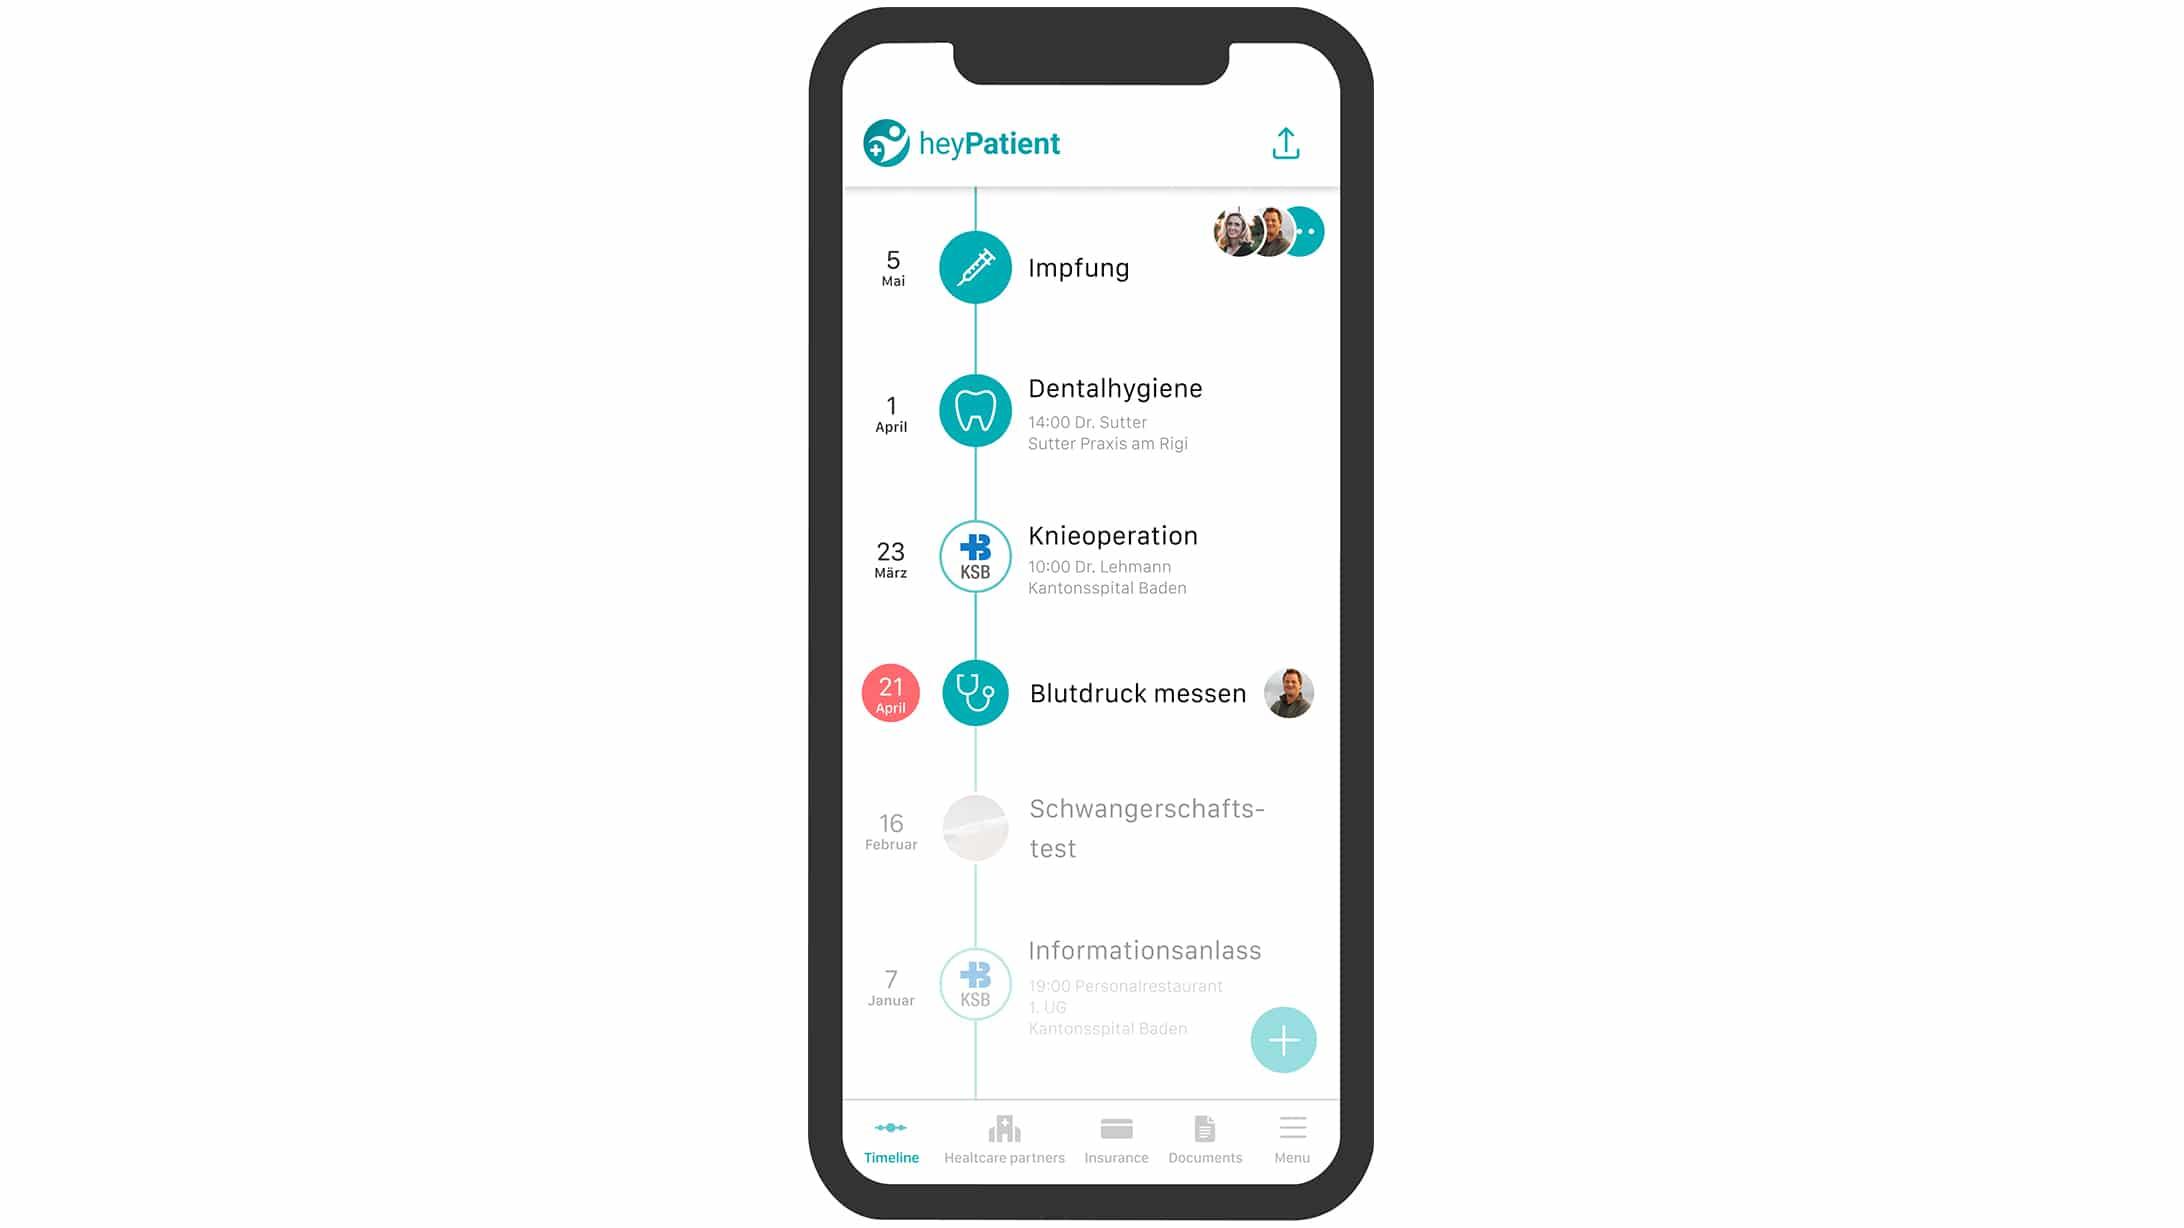 Eine Bildschirmaufnahme der Hey Patient App. Das Handy zeigt verschiedene Berührungspunkte mit dem Kantonsspital Baden.